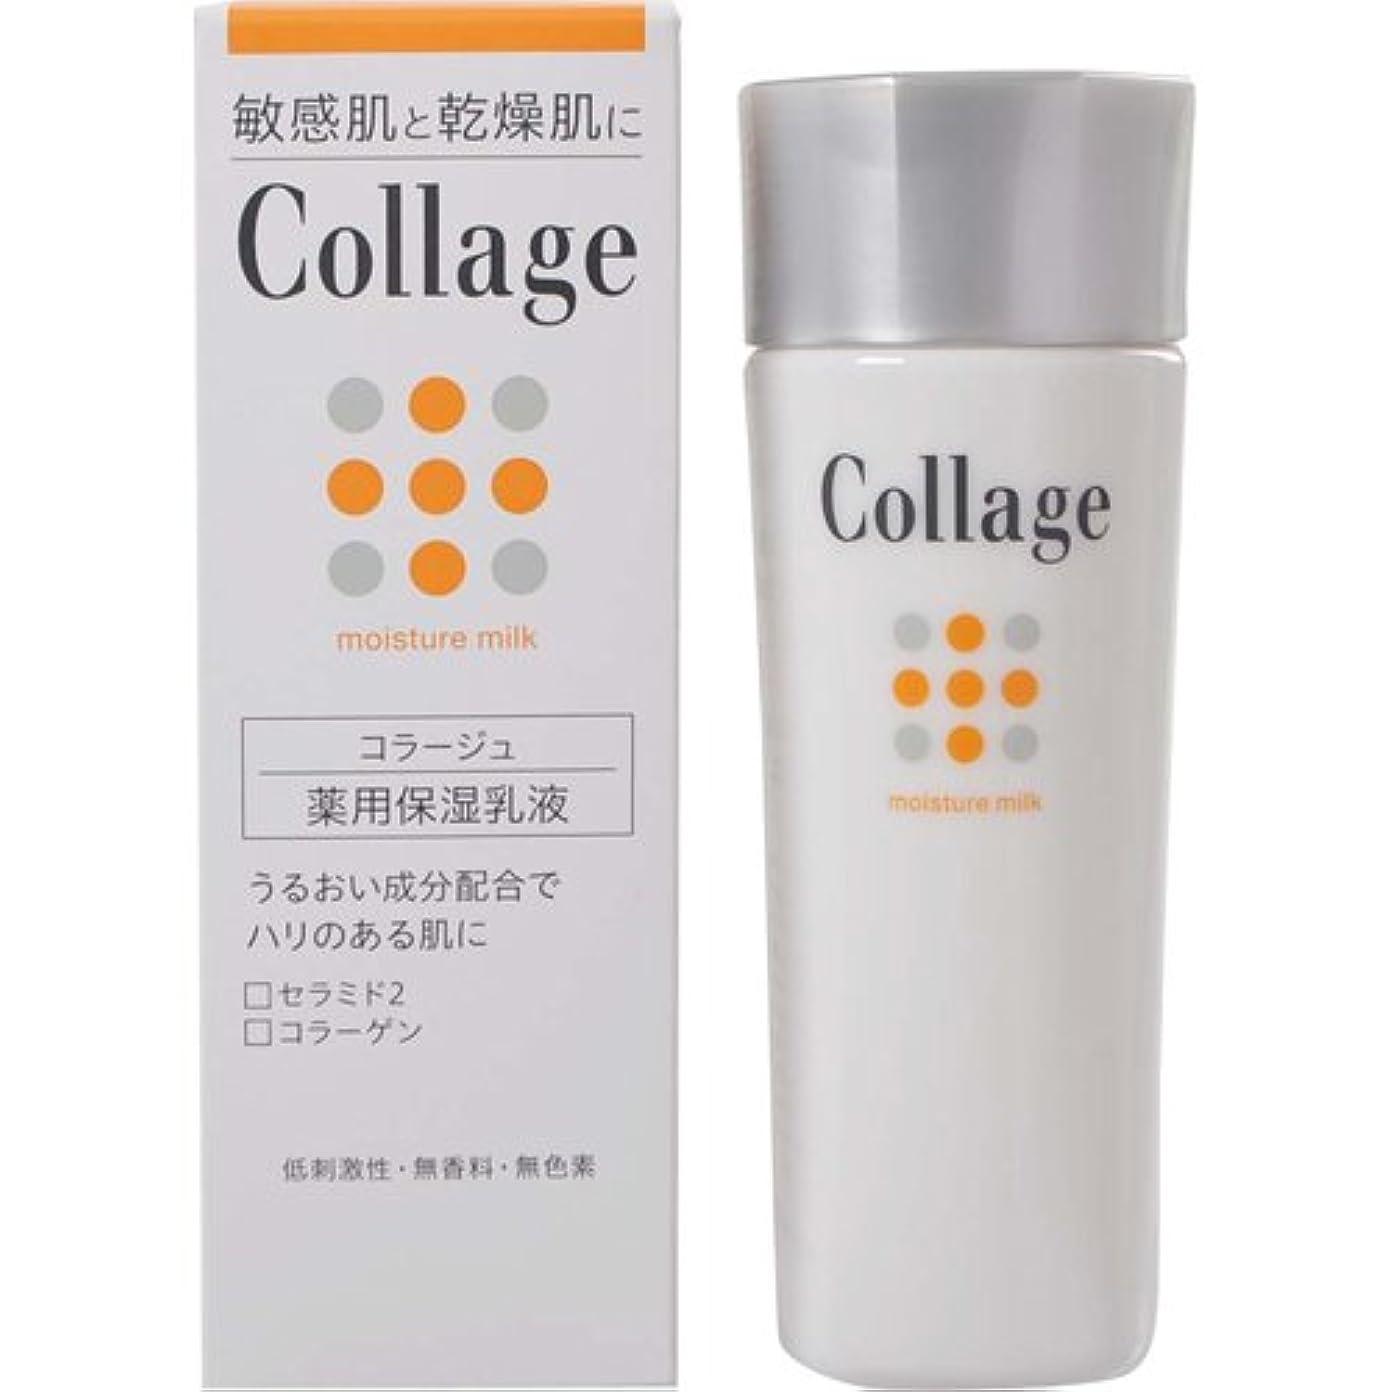 否認するアーチ来てコラージュ 薬用保湿乳液 80mL 【医薬部外品】